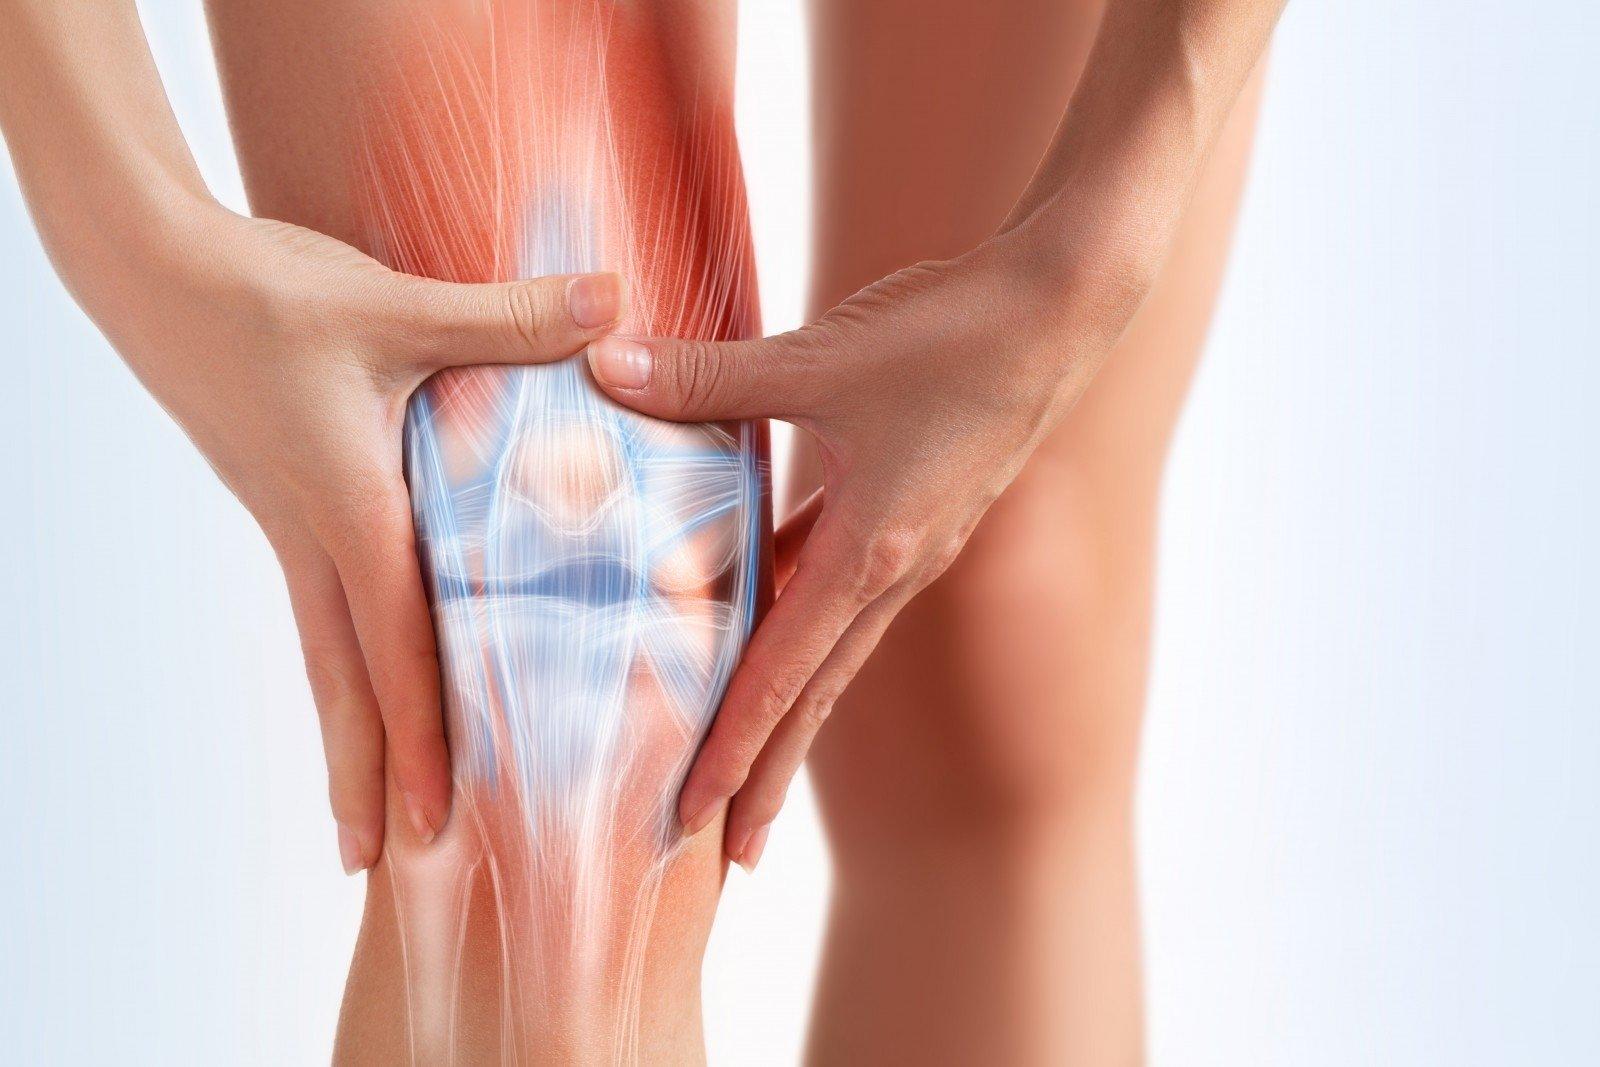 liga rankas sąnarių skausmas raumenyse gydymo sąnarių namuose